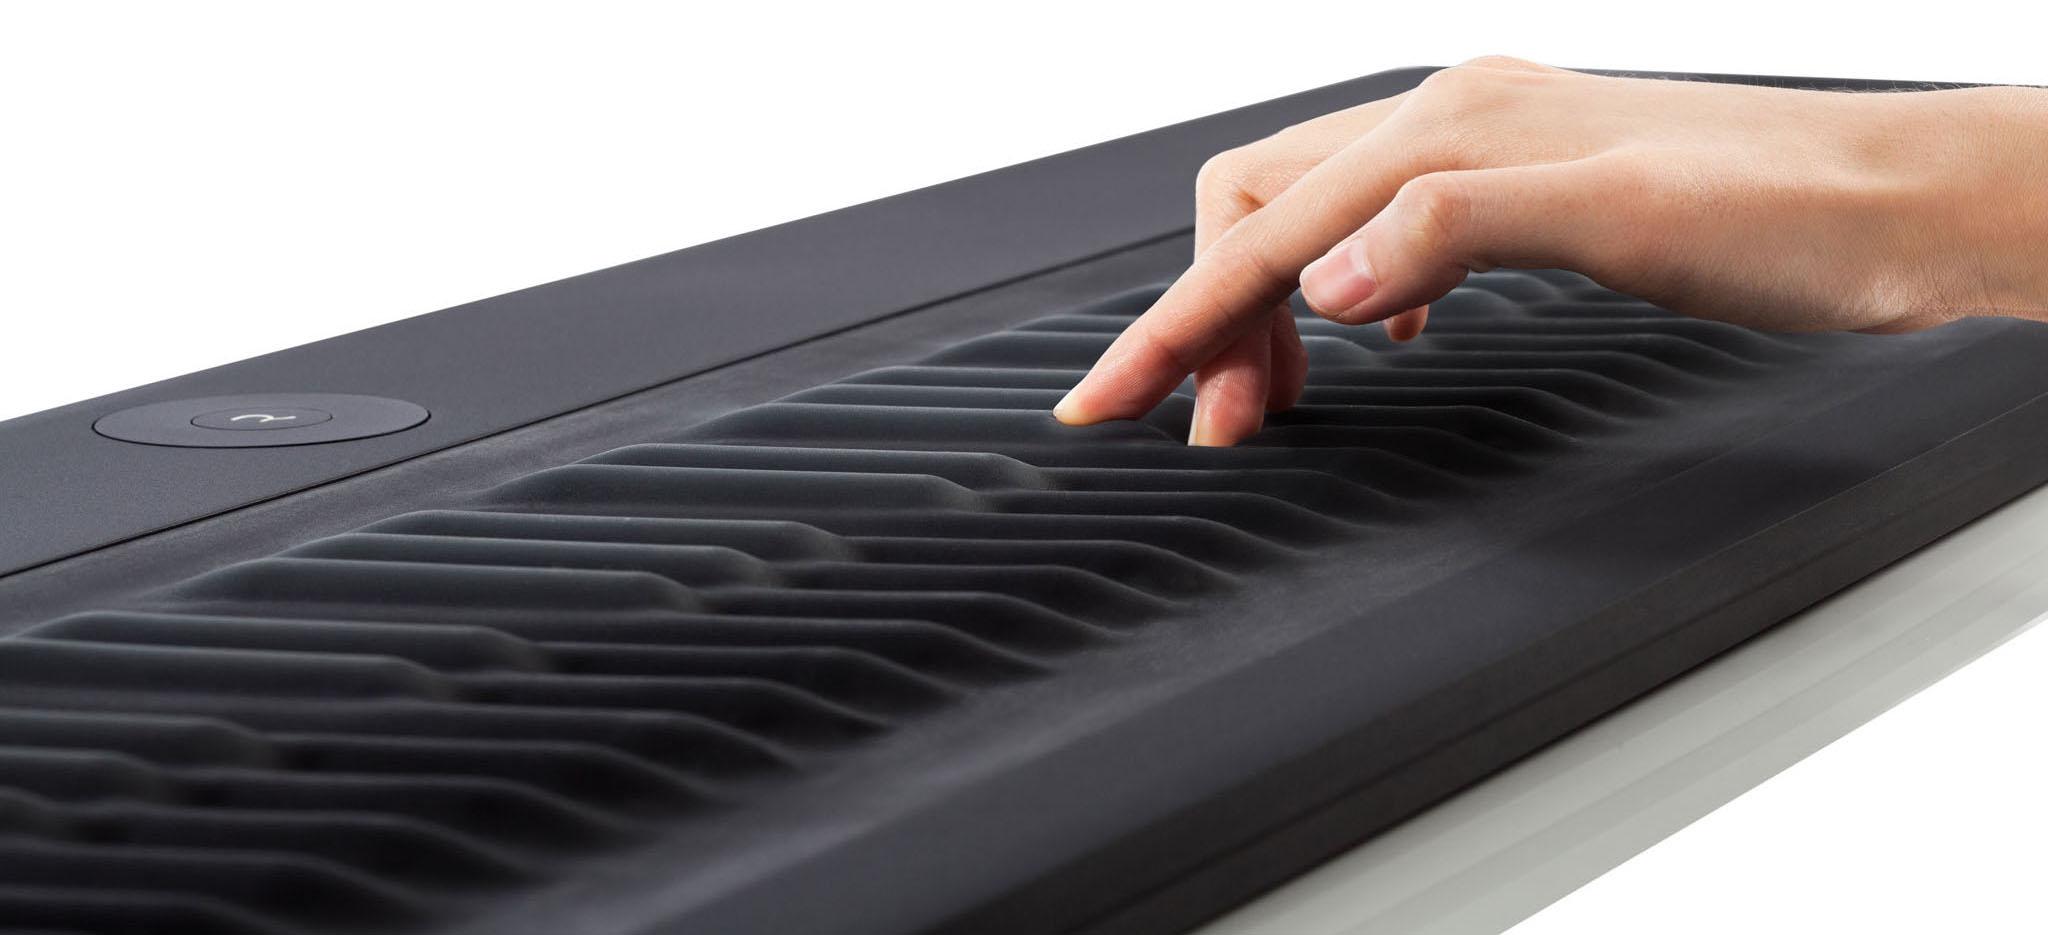 Roli Seaboard Age of Audio - ROLI Seaboard - Il pianoforte si fa morbido